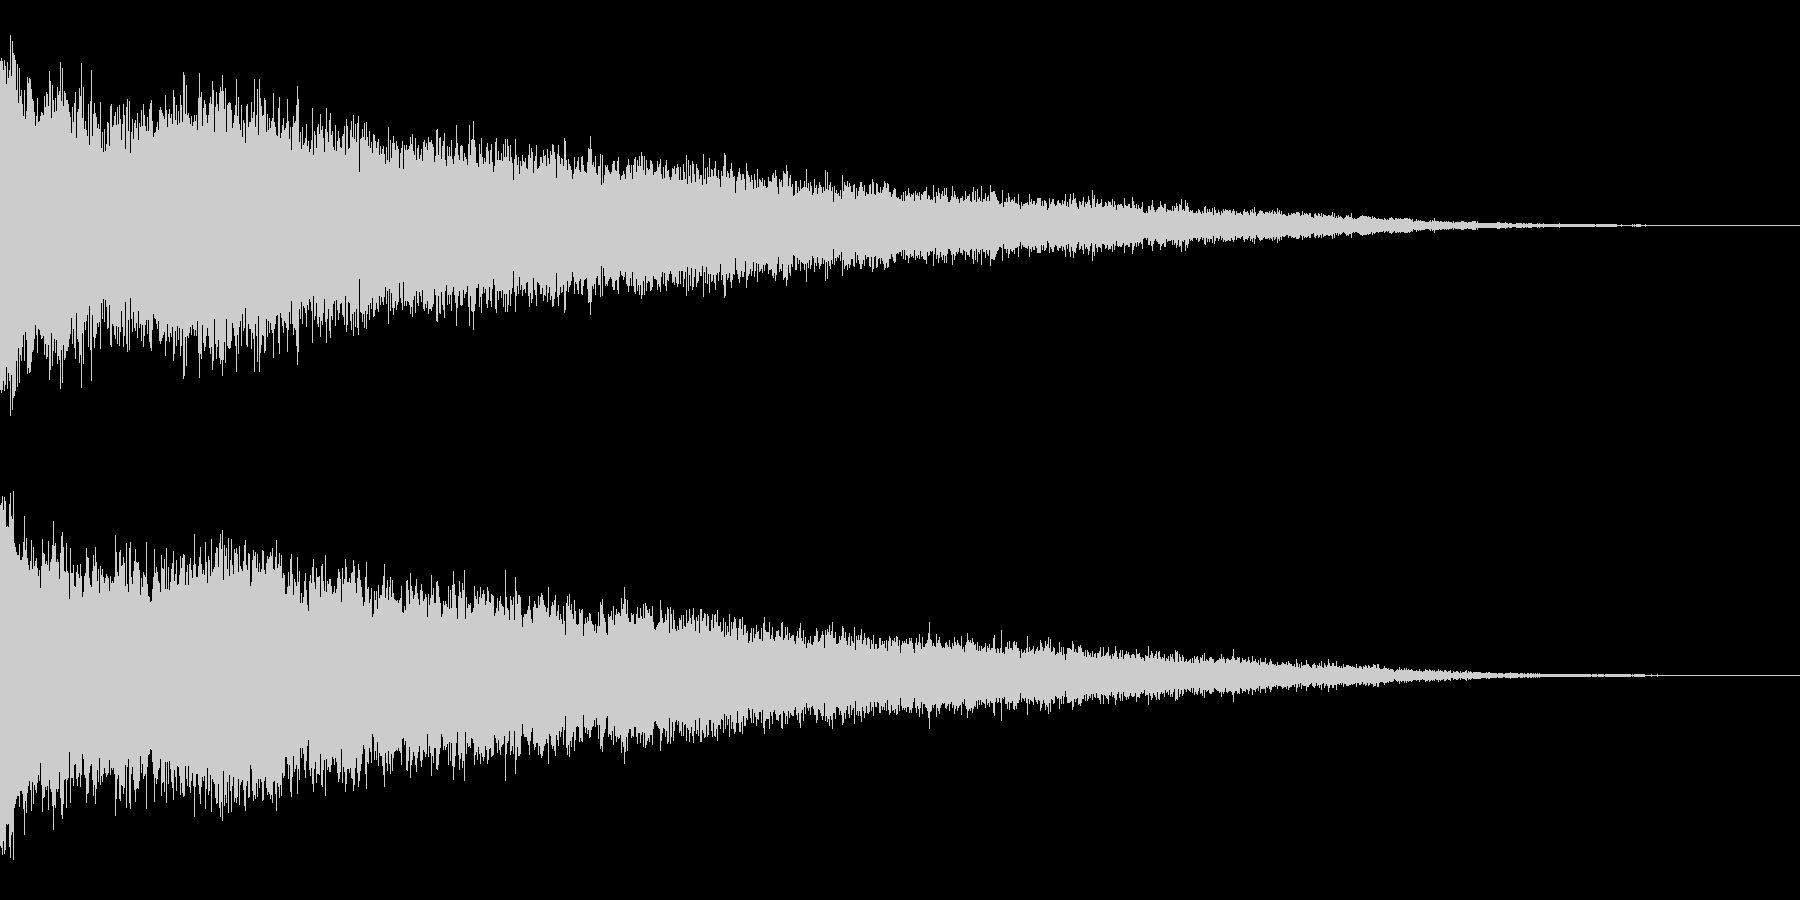 ホラー系アタック音45の未再生の波形